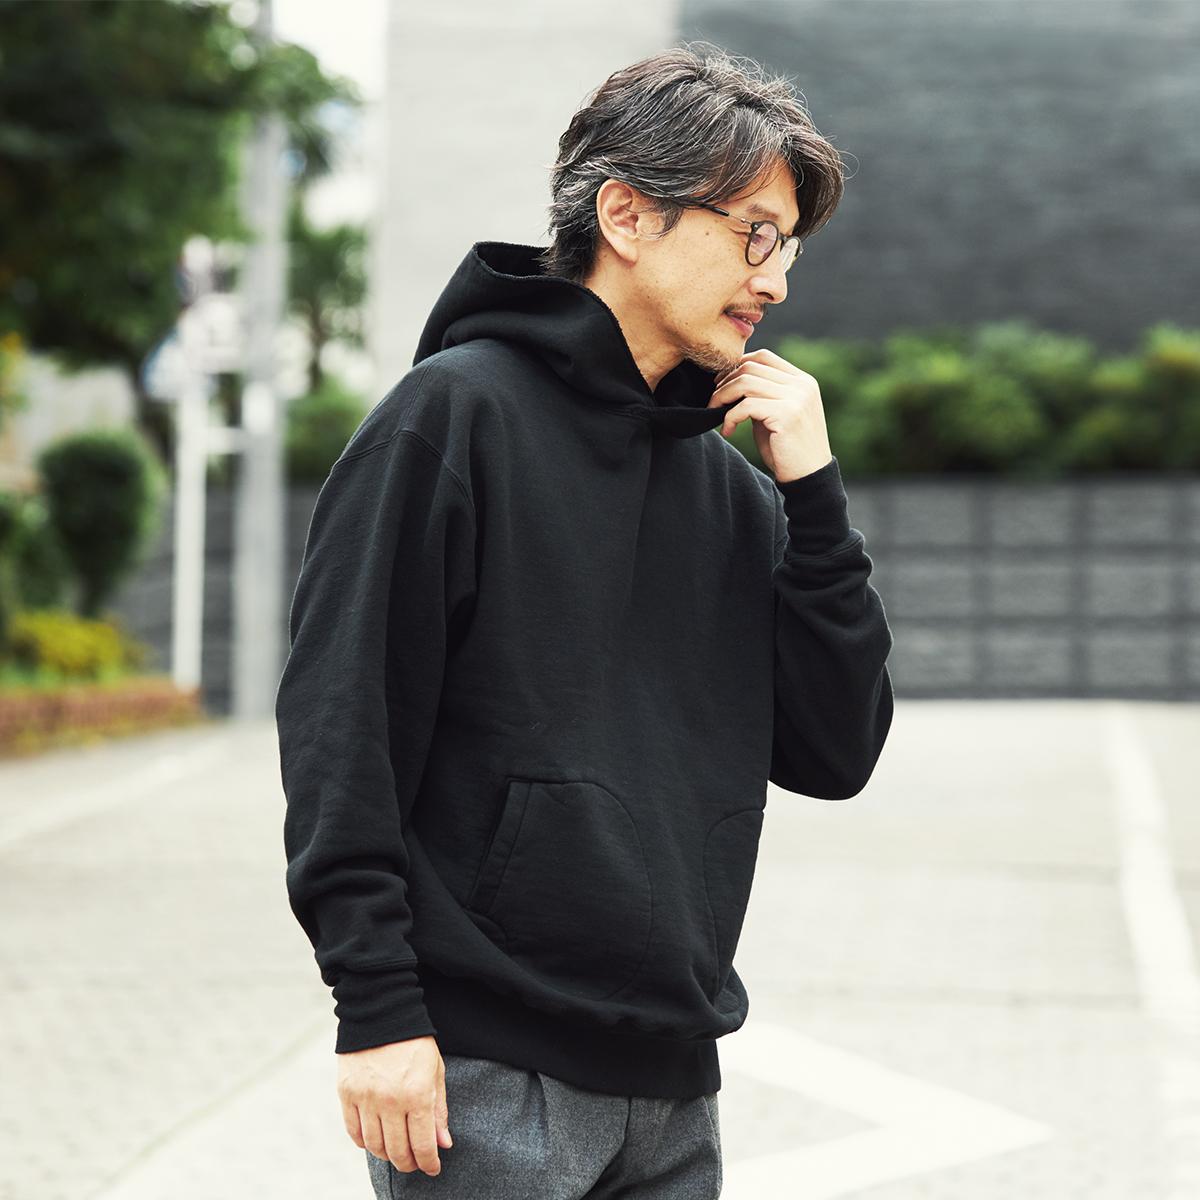 ファンにはたまらない一枚。現代の染色技術で生まれた新色「ブラック」をMade in Japanで。先行予約特典付きの「サイドラインパーカ/シングル」|A.G. Spalding & Bros